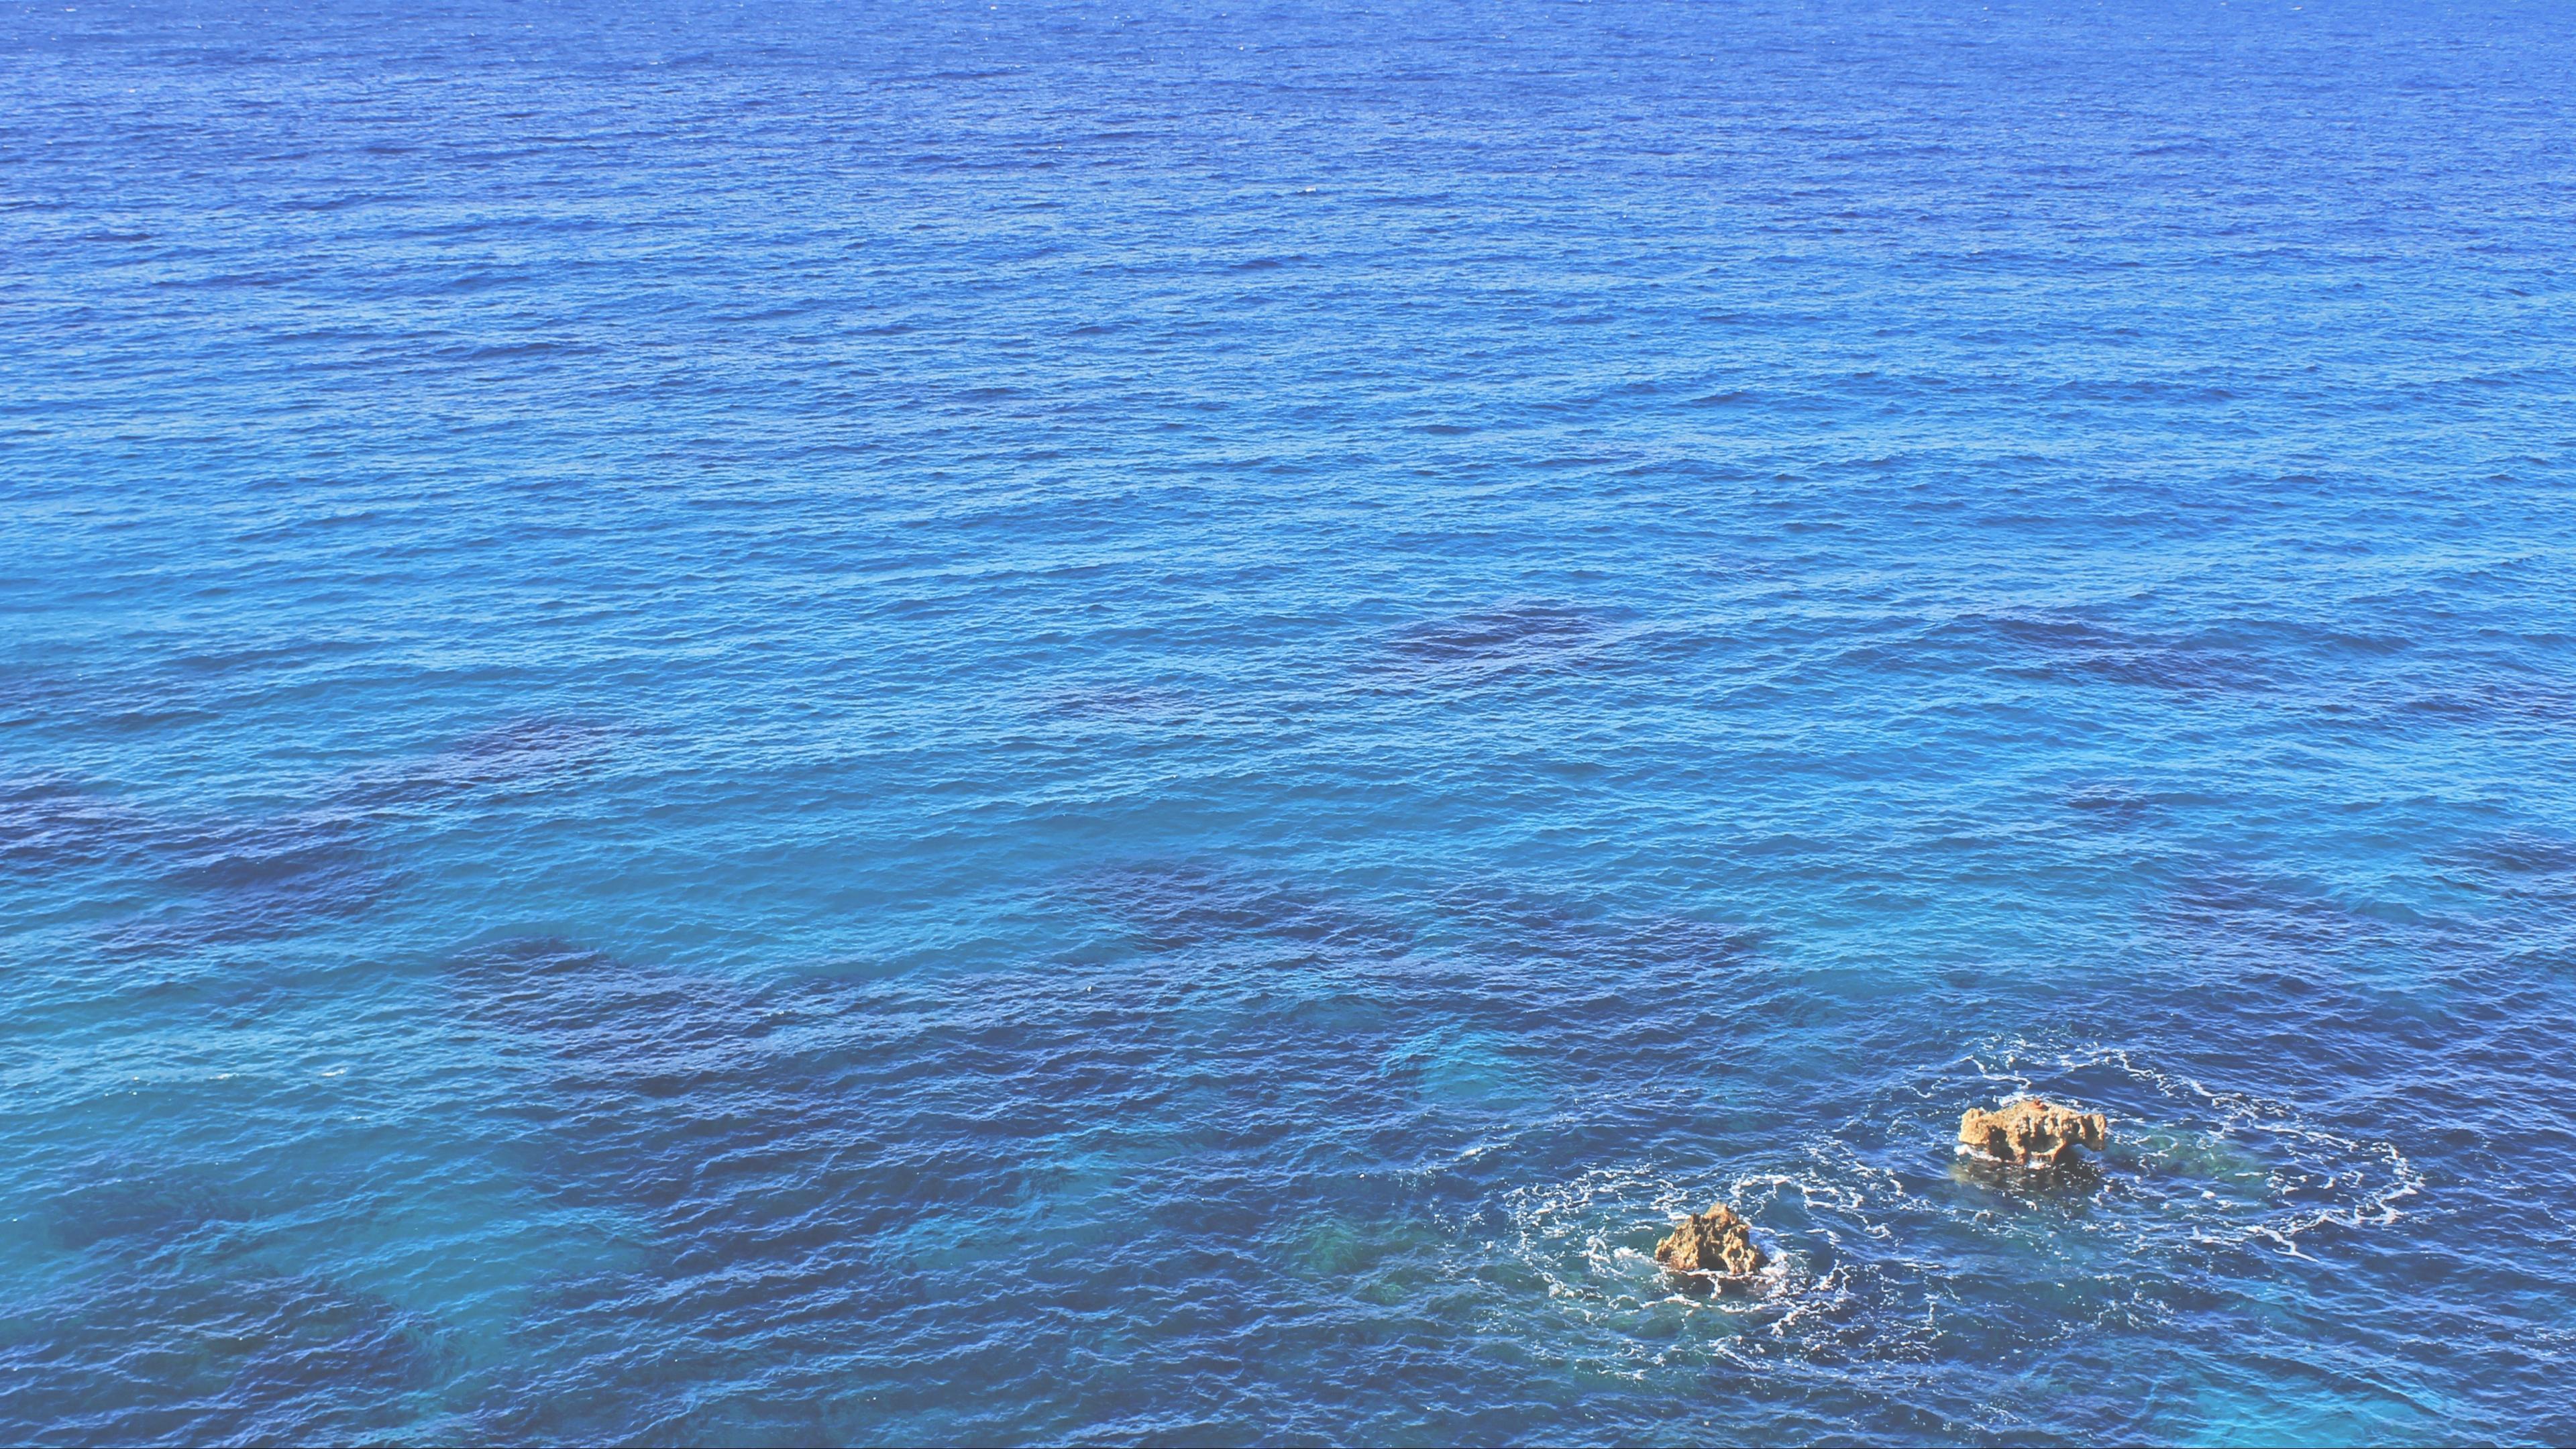 ocean rocks blue 4k 1541116098 - ocean, rocks, blue 4k - Rocks, Ocean, blue